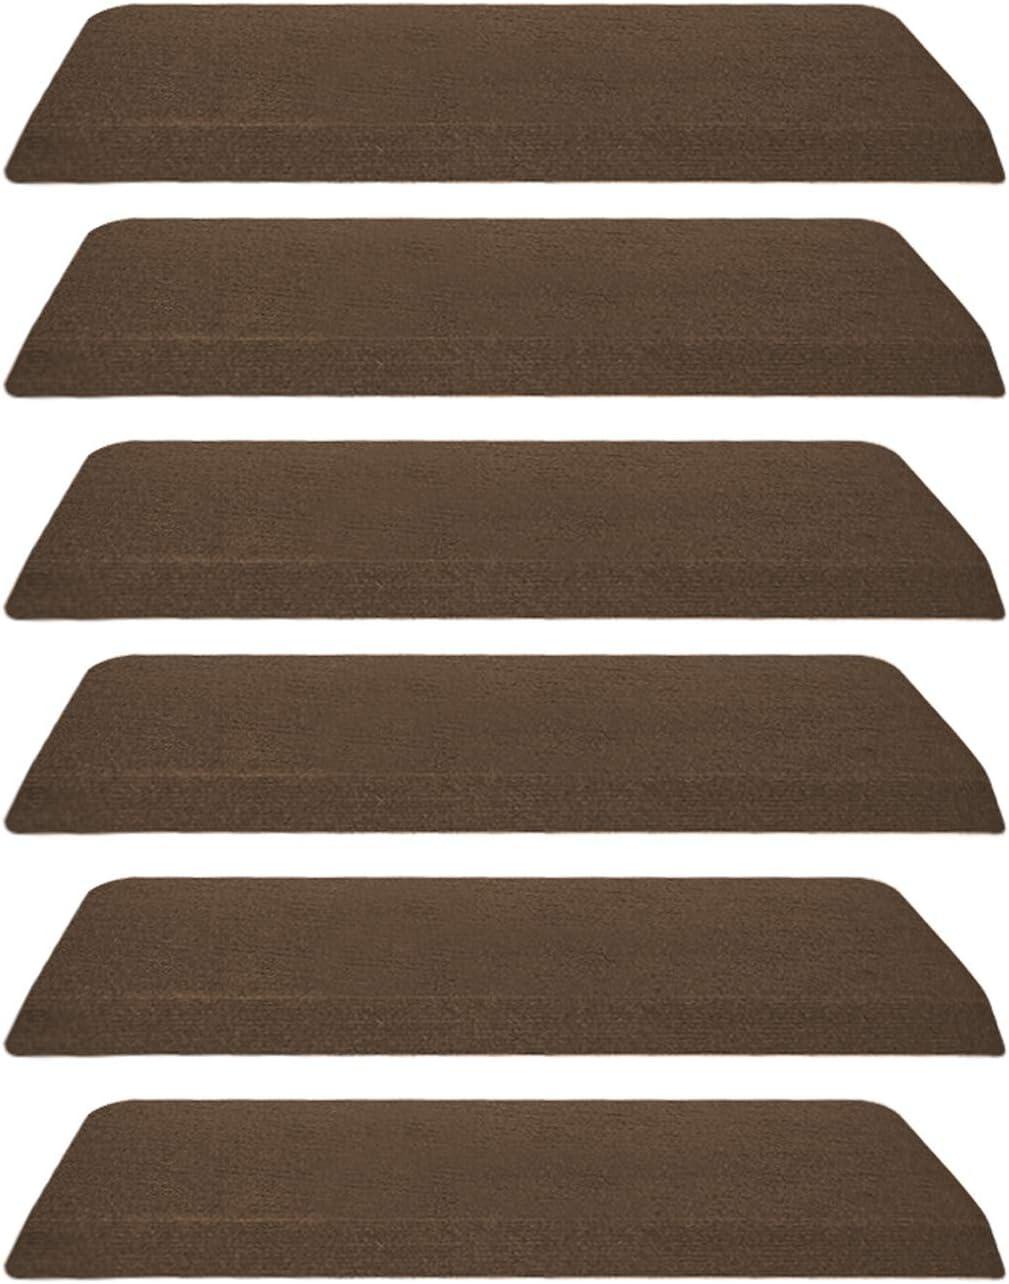 Jolitac - Juego de 15 alfombrillas para escaleras, 22 x 65 cm, color marrón: Amazon.es: Hogar